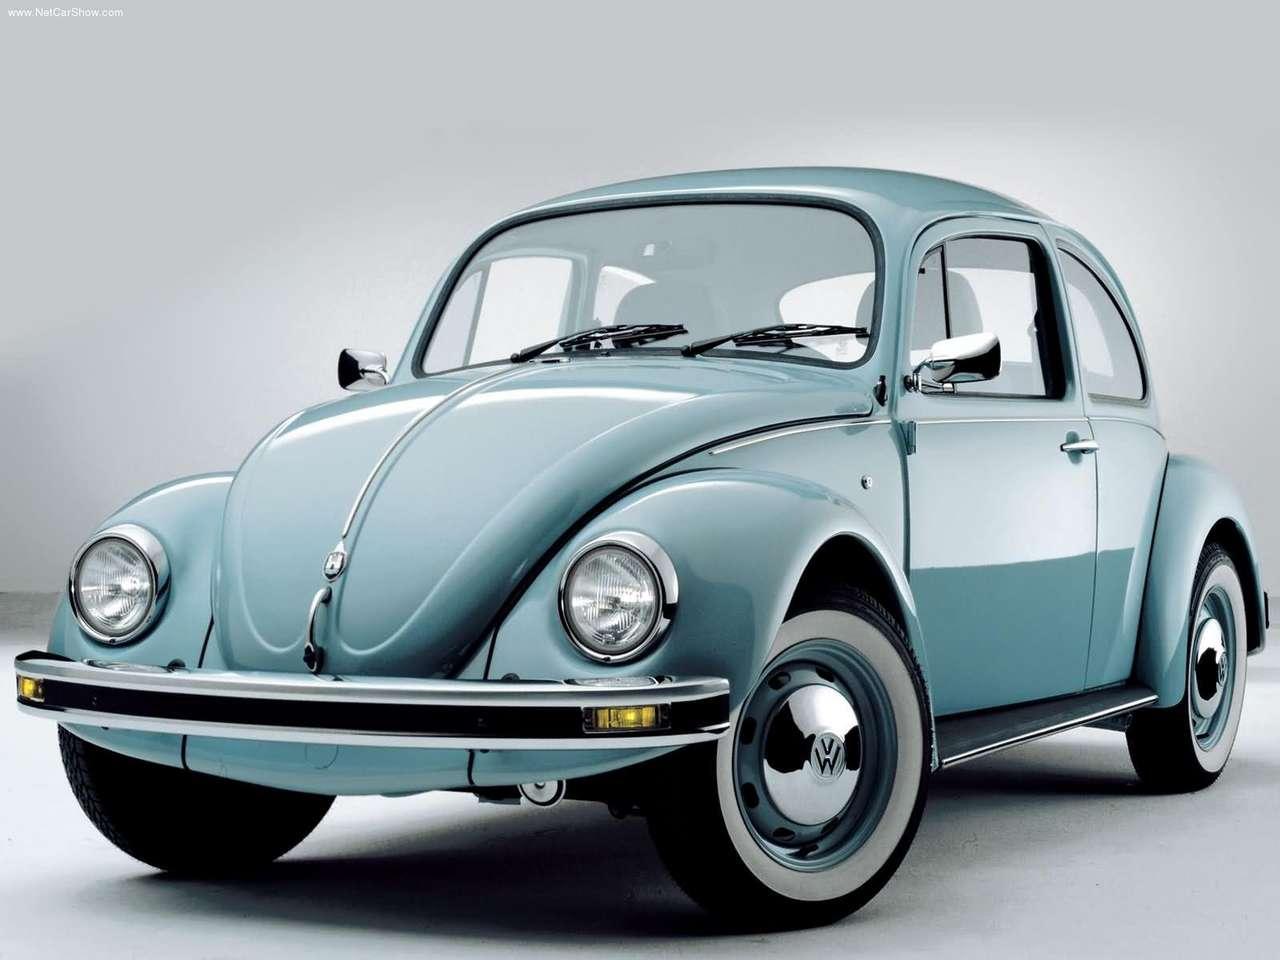 Ý nghĩa đằng sau tên những chiếc xe và hãng xe VW-Beetle